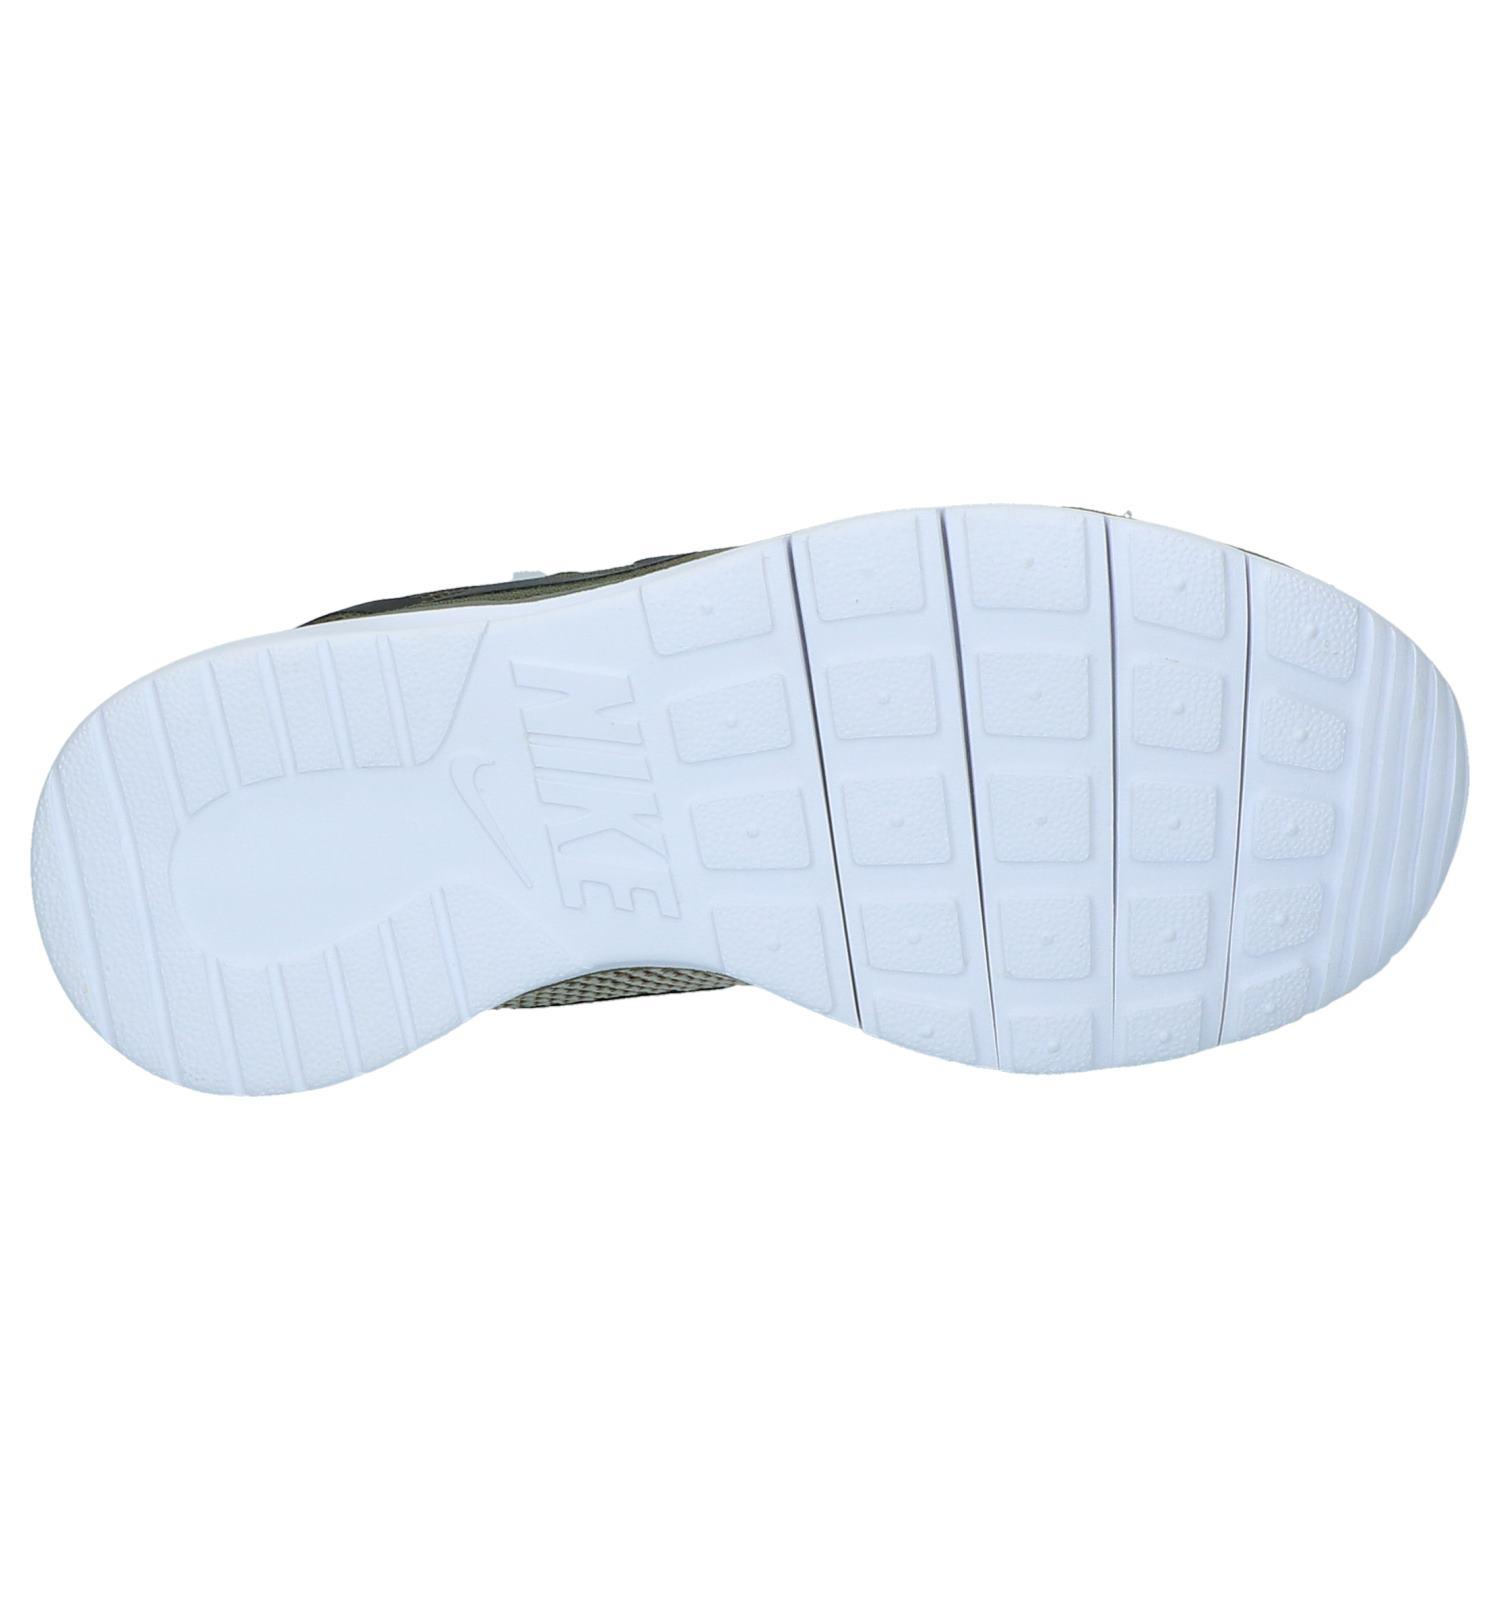 f0ba0d0c185 Kaki Runner Sneakers Nike Tanjun Racer GS   TORFS.BE   Gratis verzend en  retour